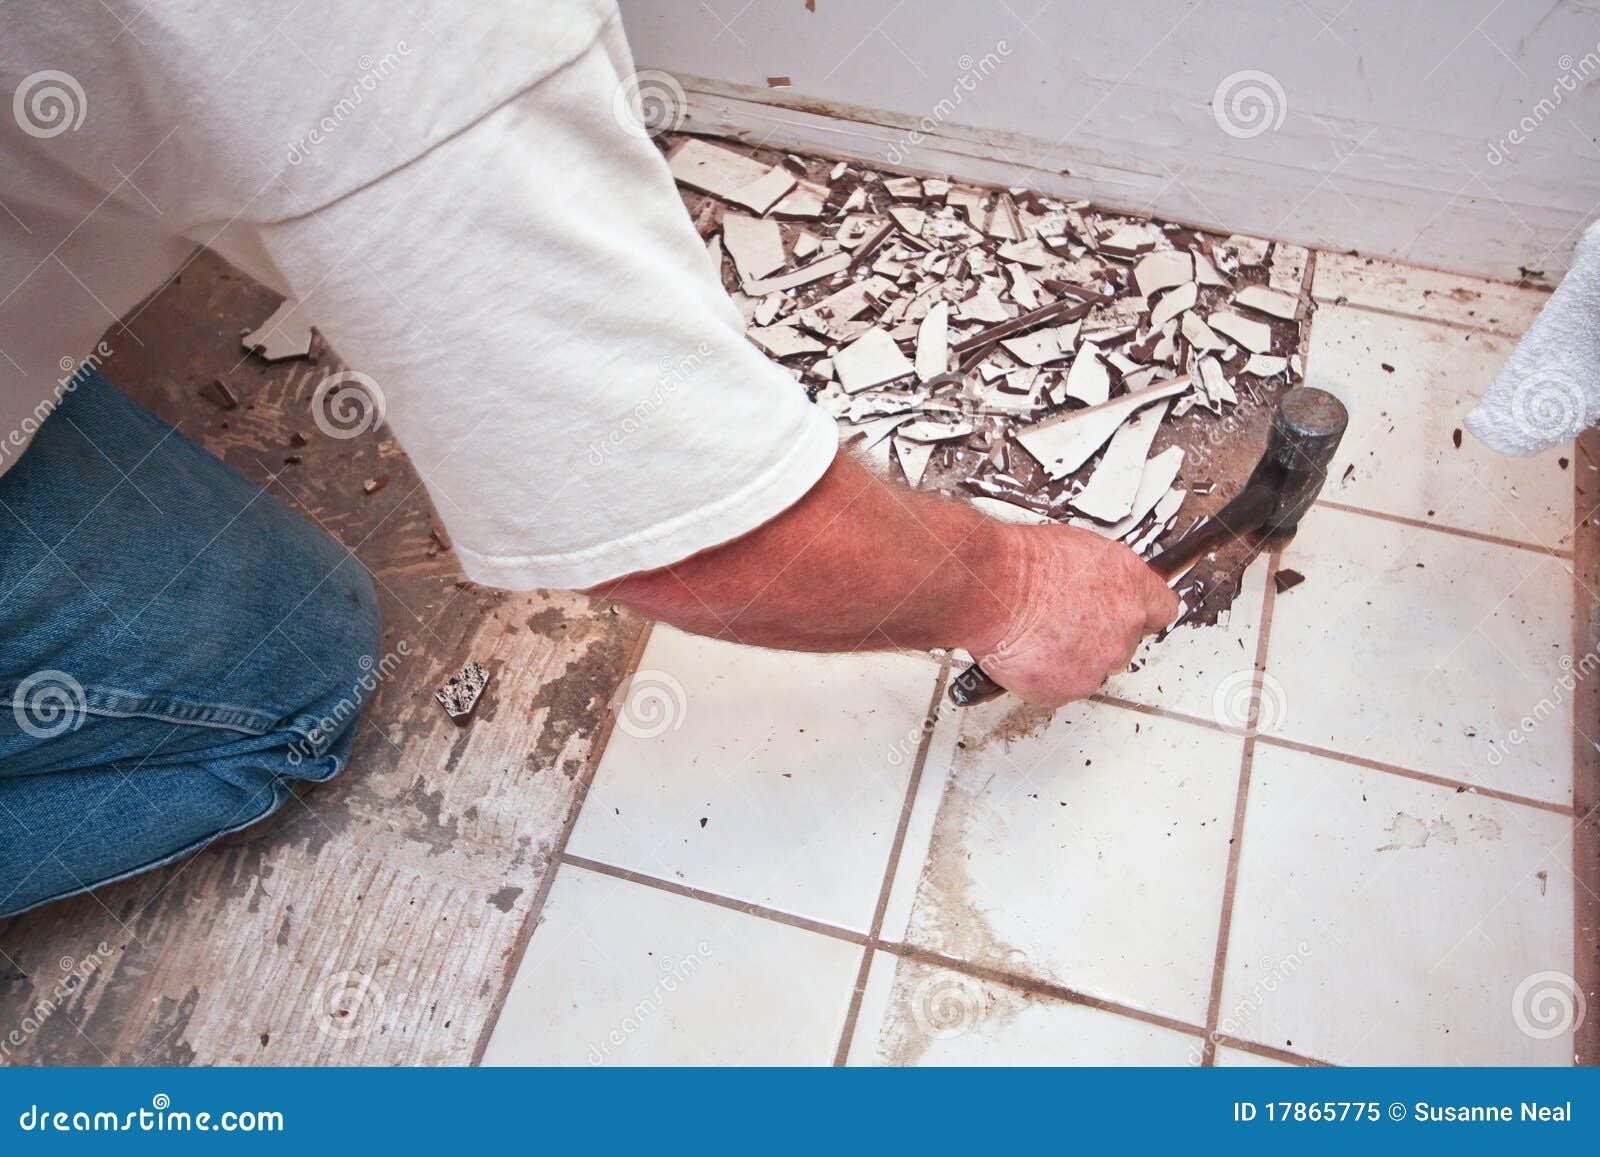 Breaking Up Floor Tiles